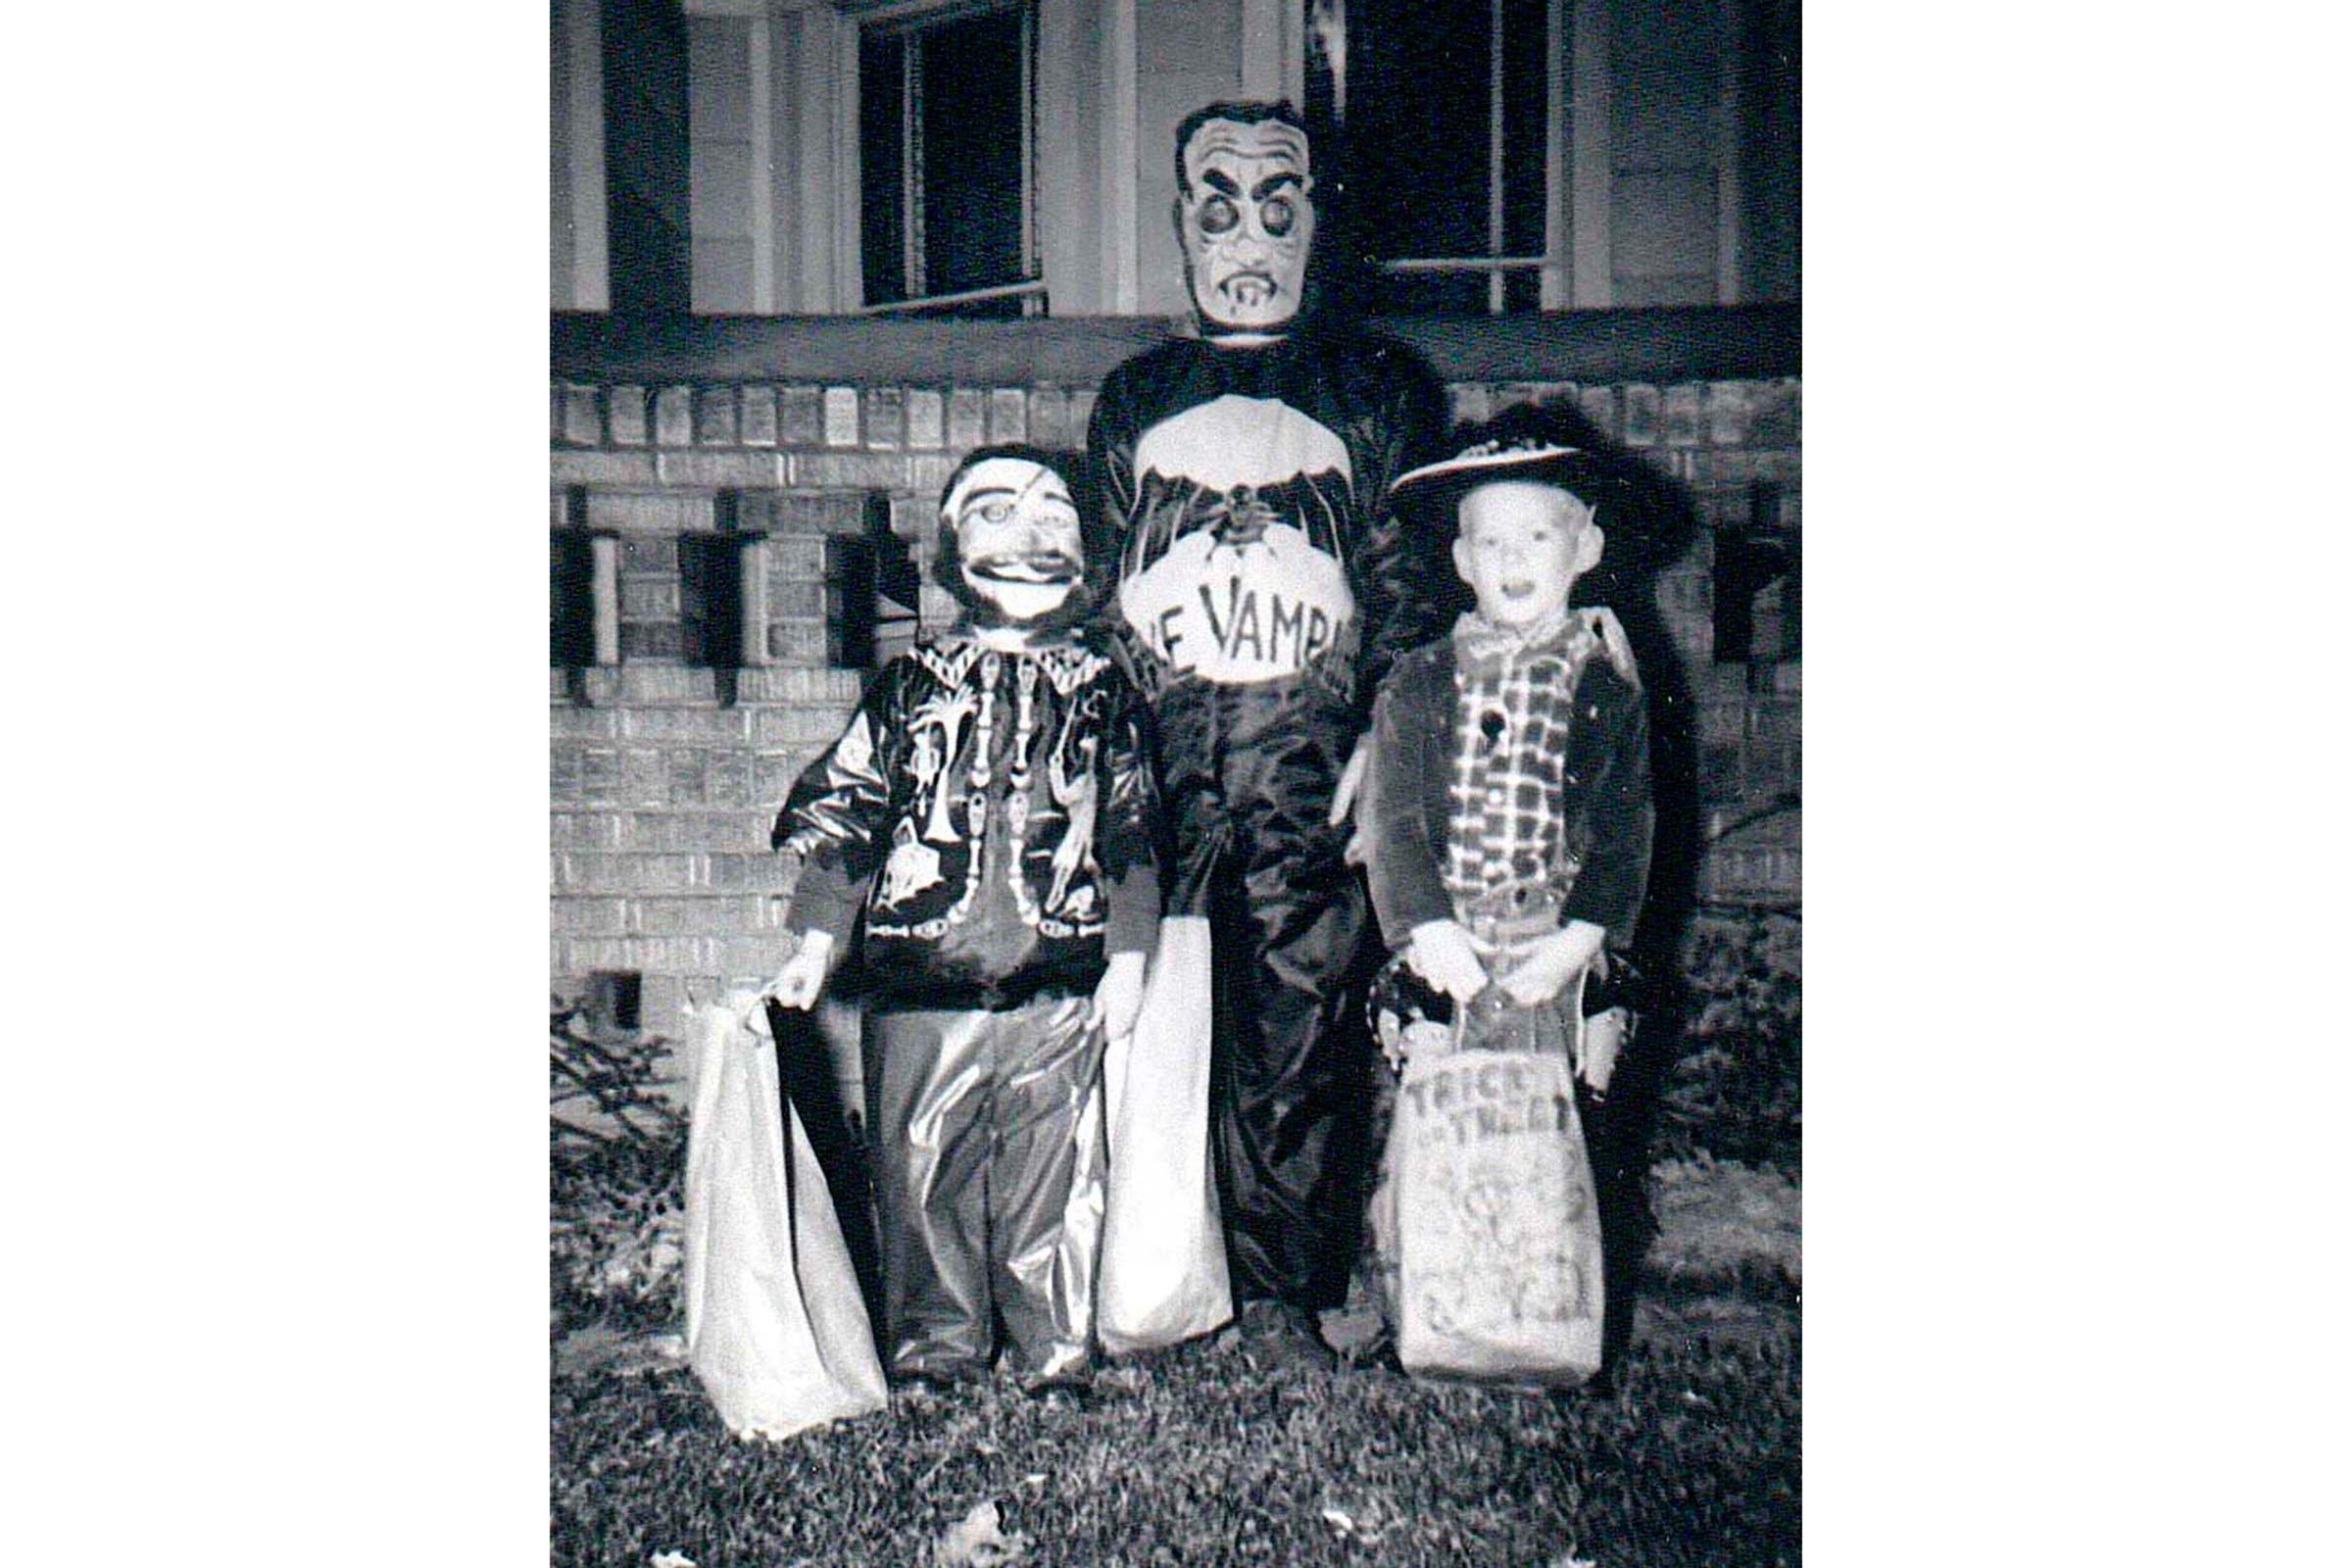 Vintage Halloween Costume Pictures.Vintage Halloween Costumes We Should Bring Back Reader S Digest